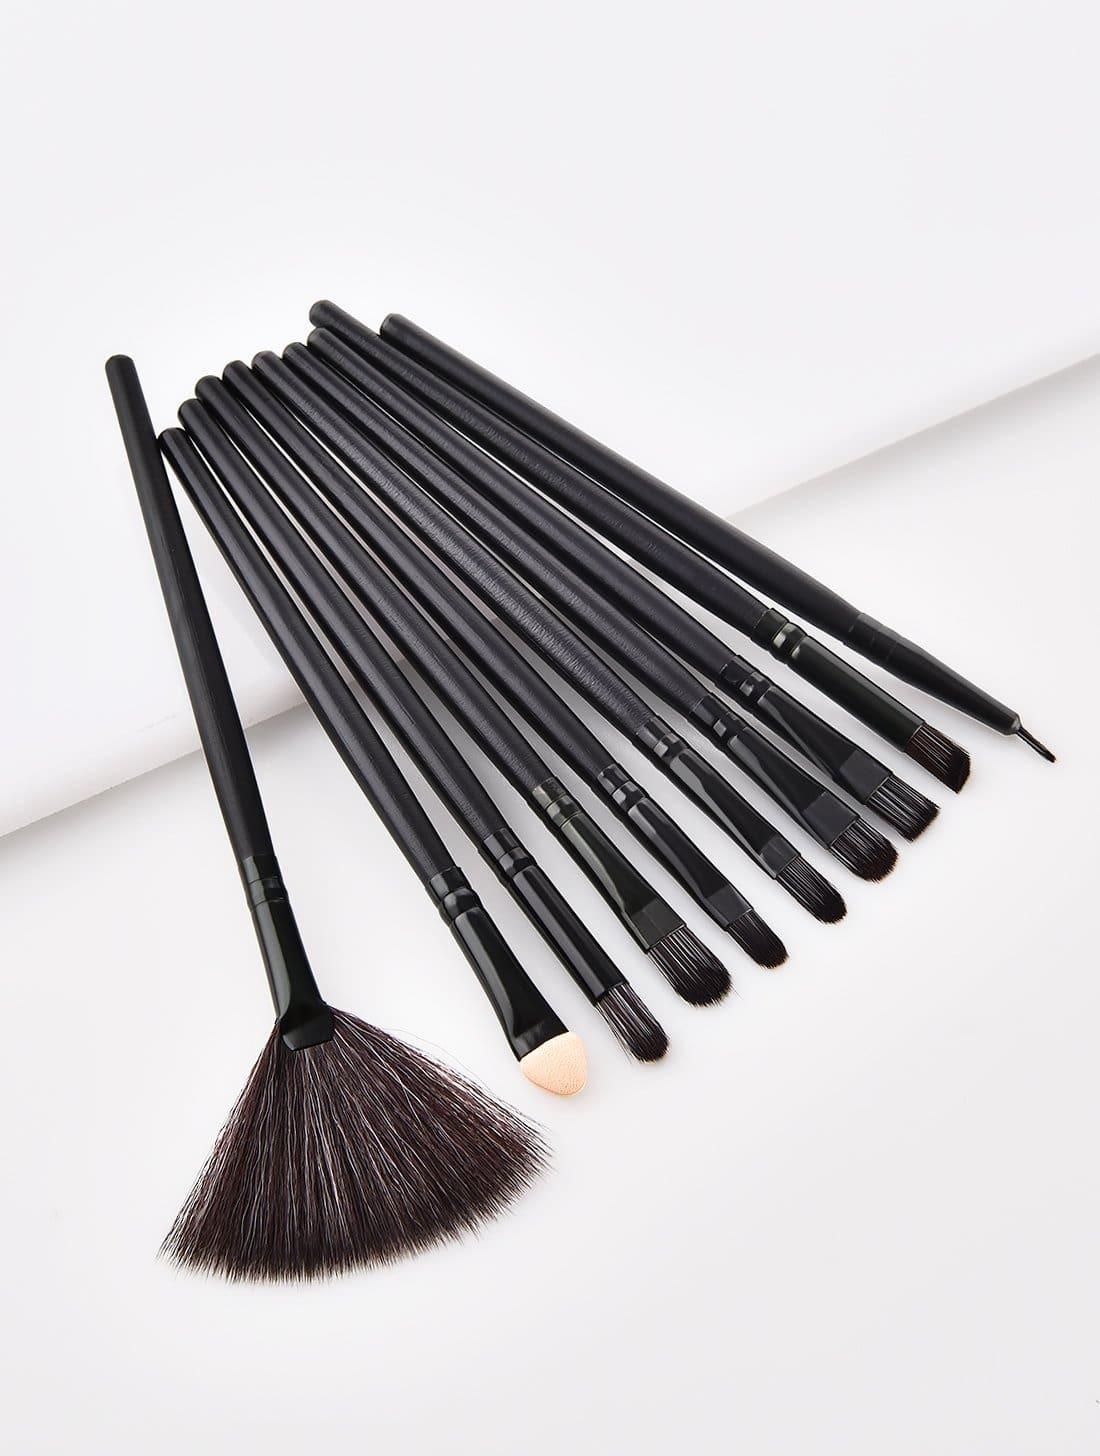 Fan Shaped Makeup Brush 10pcs